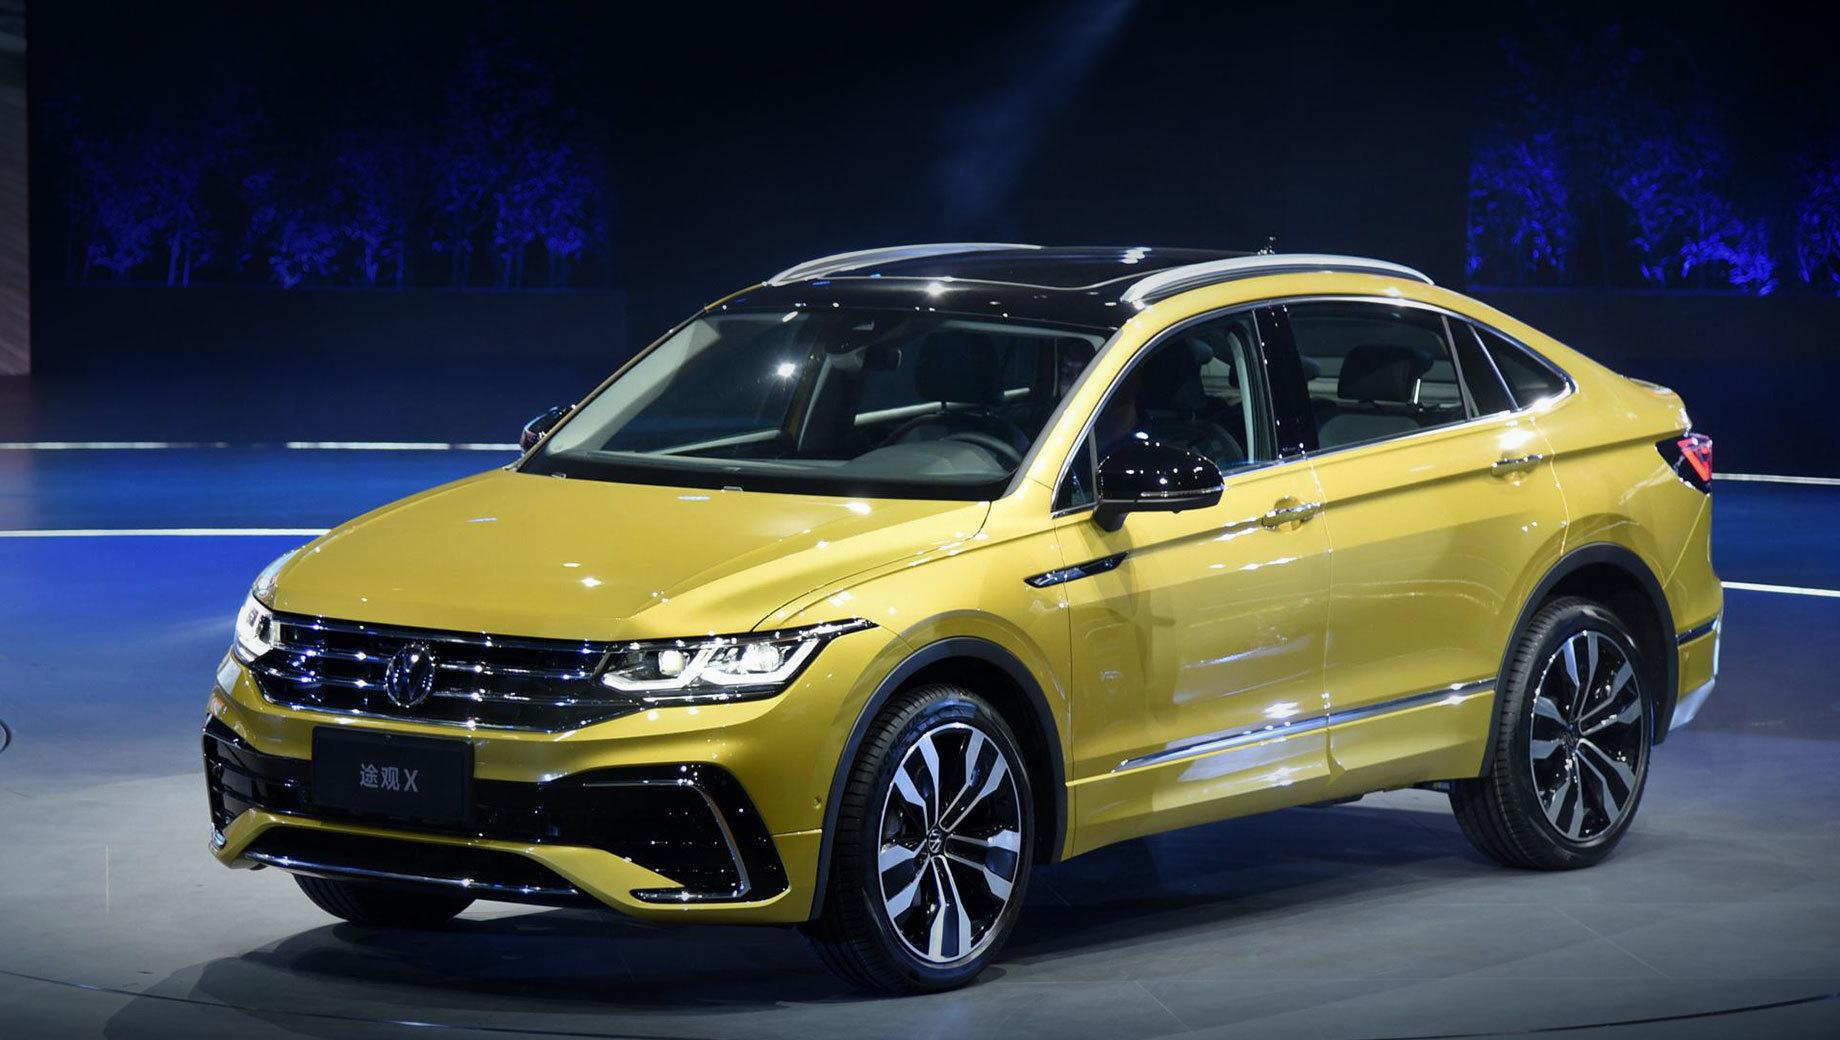 Volkswagen tiguan,Volkswagen tiguan x. Лицо «икса» ничем не отличается от обновлённого Тигуана для Европы. Но китайцы могут об этом не знать, ведь у них продаётся дореформенный Tiguan L, на чьей основе и построен новобранец.